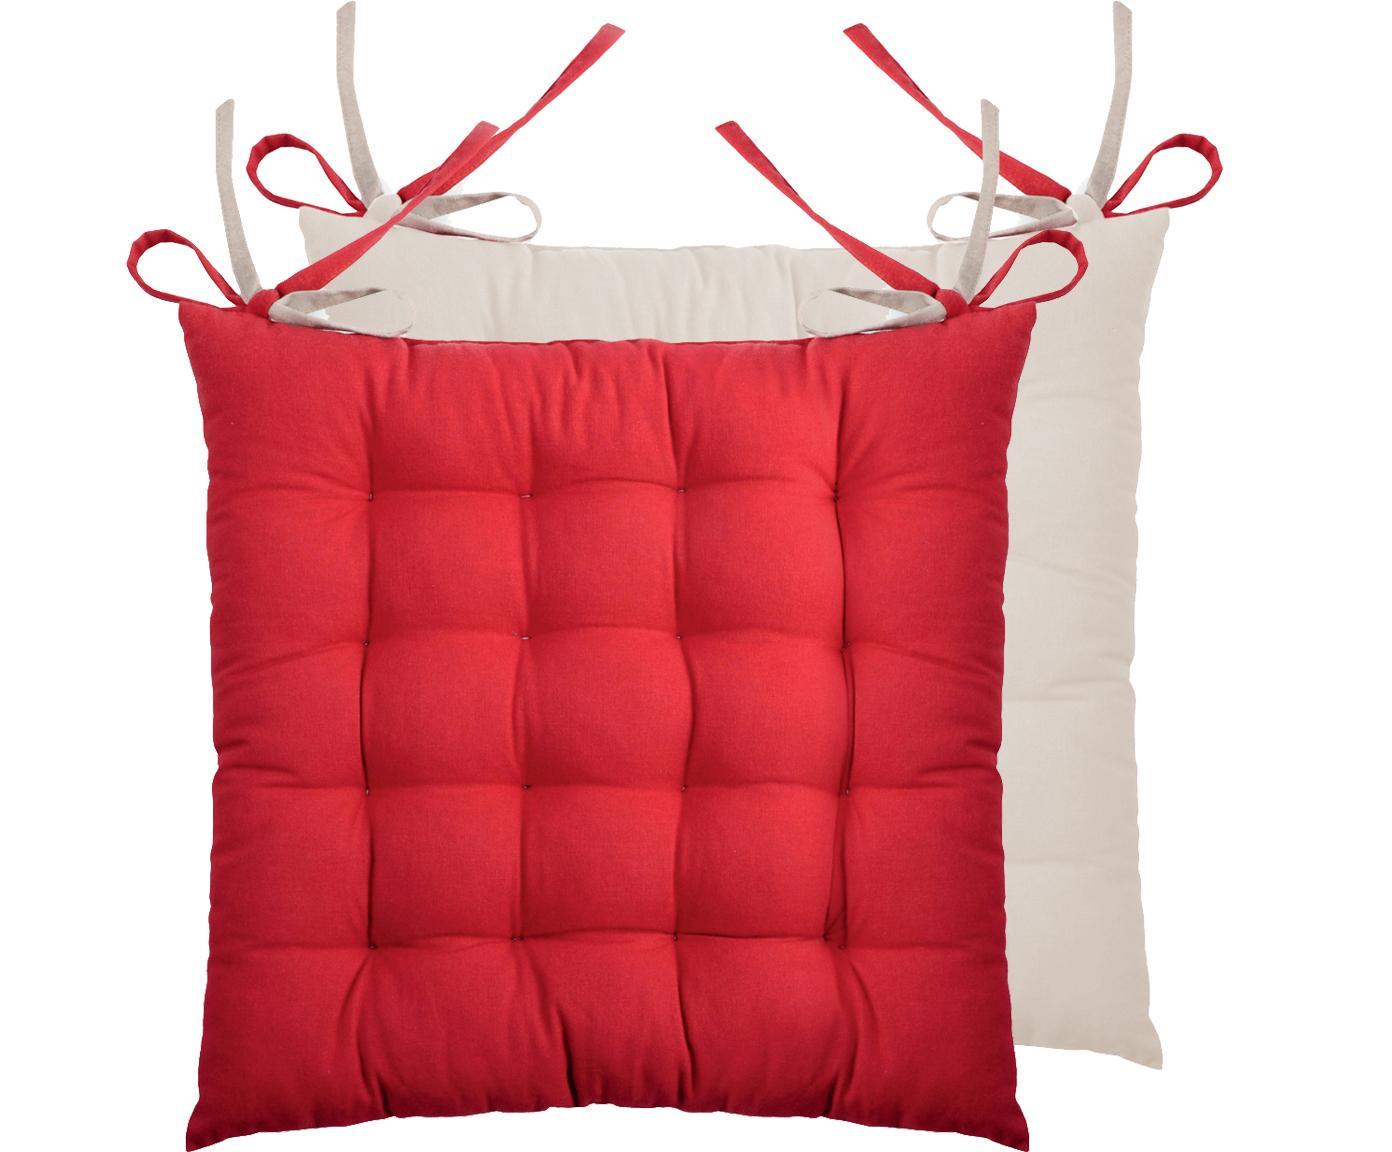 Cojines de asiento, caras distintas Duo, 2uds., Rojo, beige, An 40 x L 40 cm